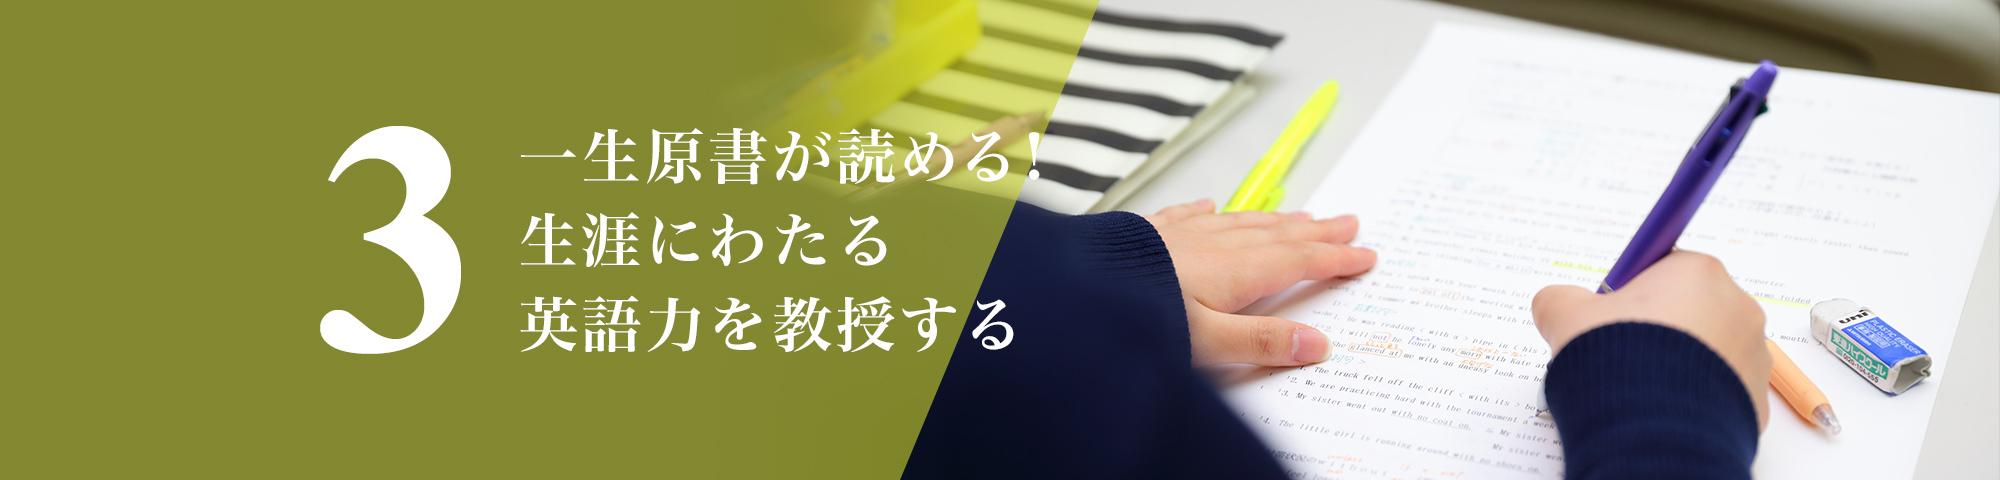 一生原書が読める!生涯にわたる英語力を教授する